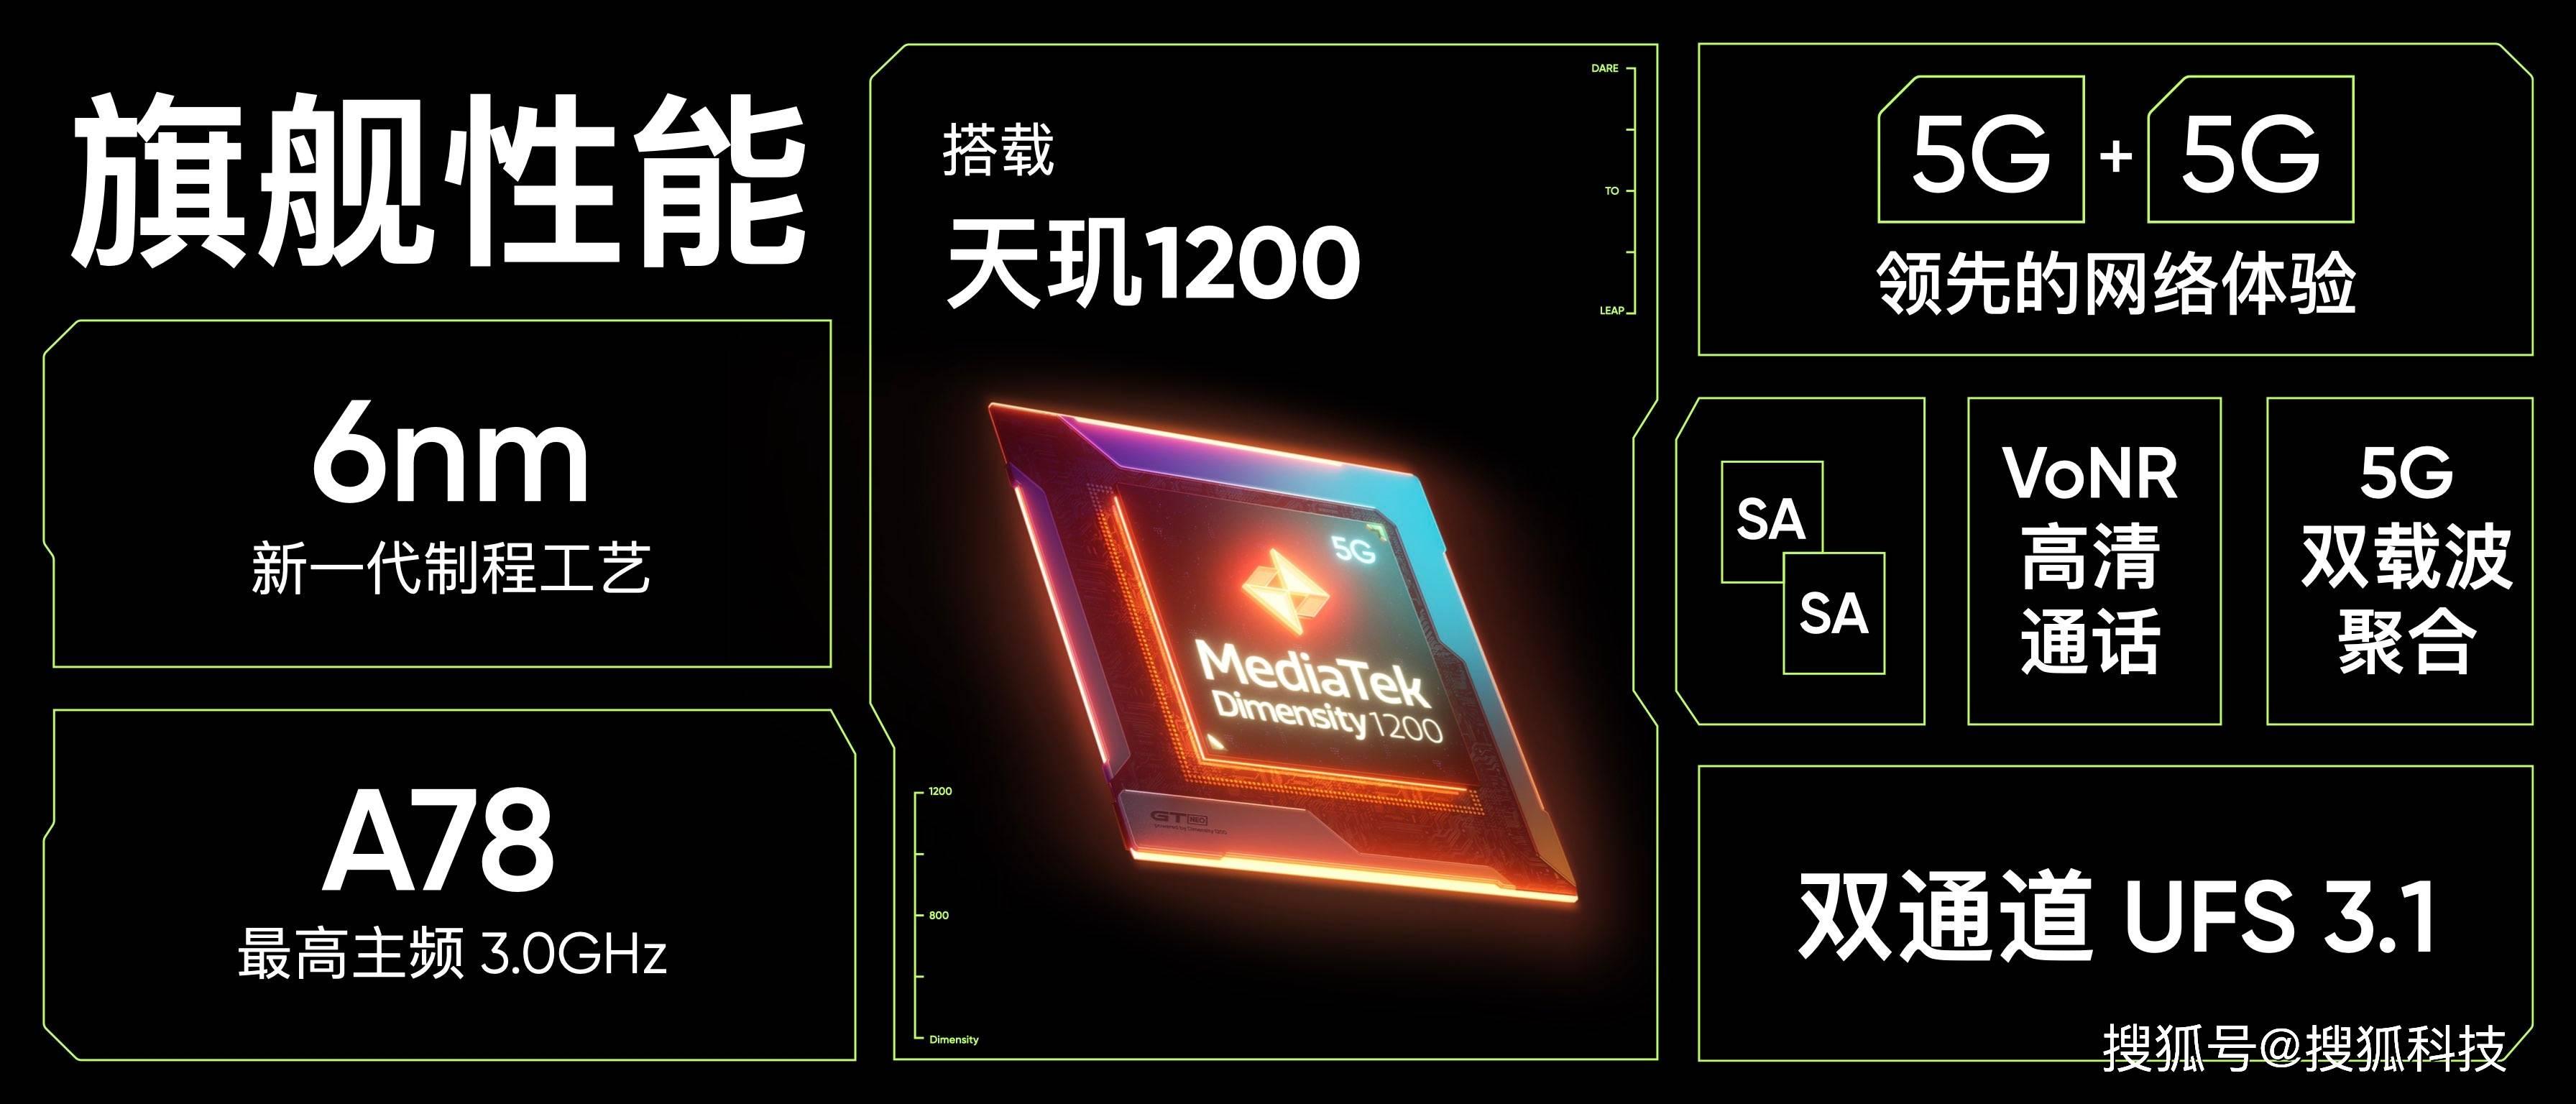 realme 真我GT Neo发布:搭载天玑1200芯片,1799元起售